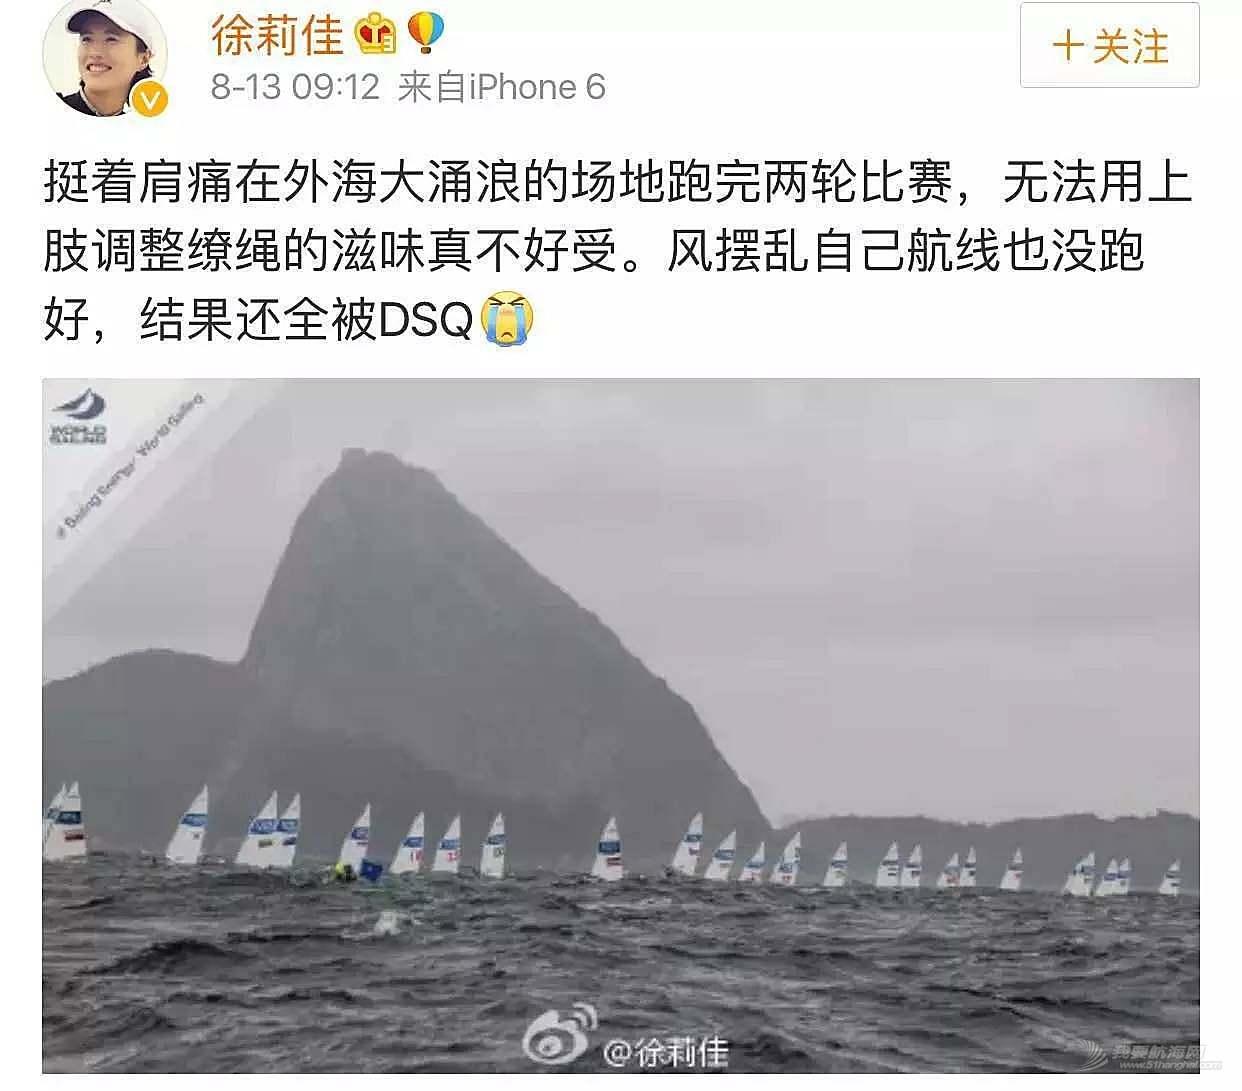 里约热内卢,中国日报,卫冕冠军,奥运会,徐莉佳 三轮成绩被取消!徐莉佳只有感谢无怨言